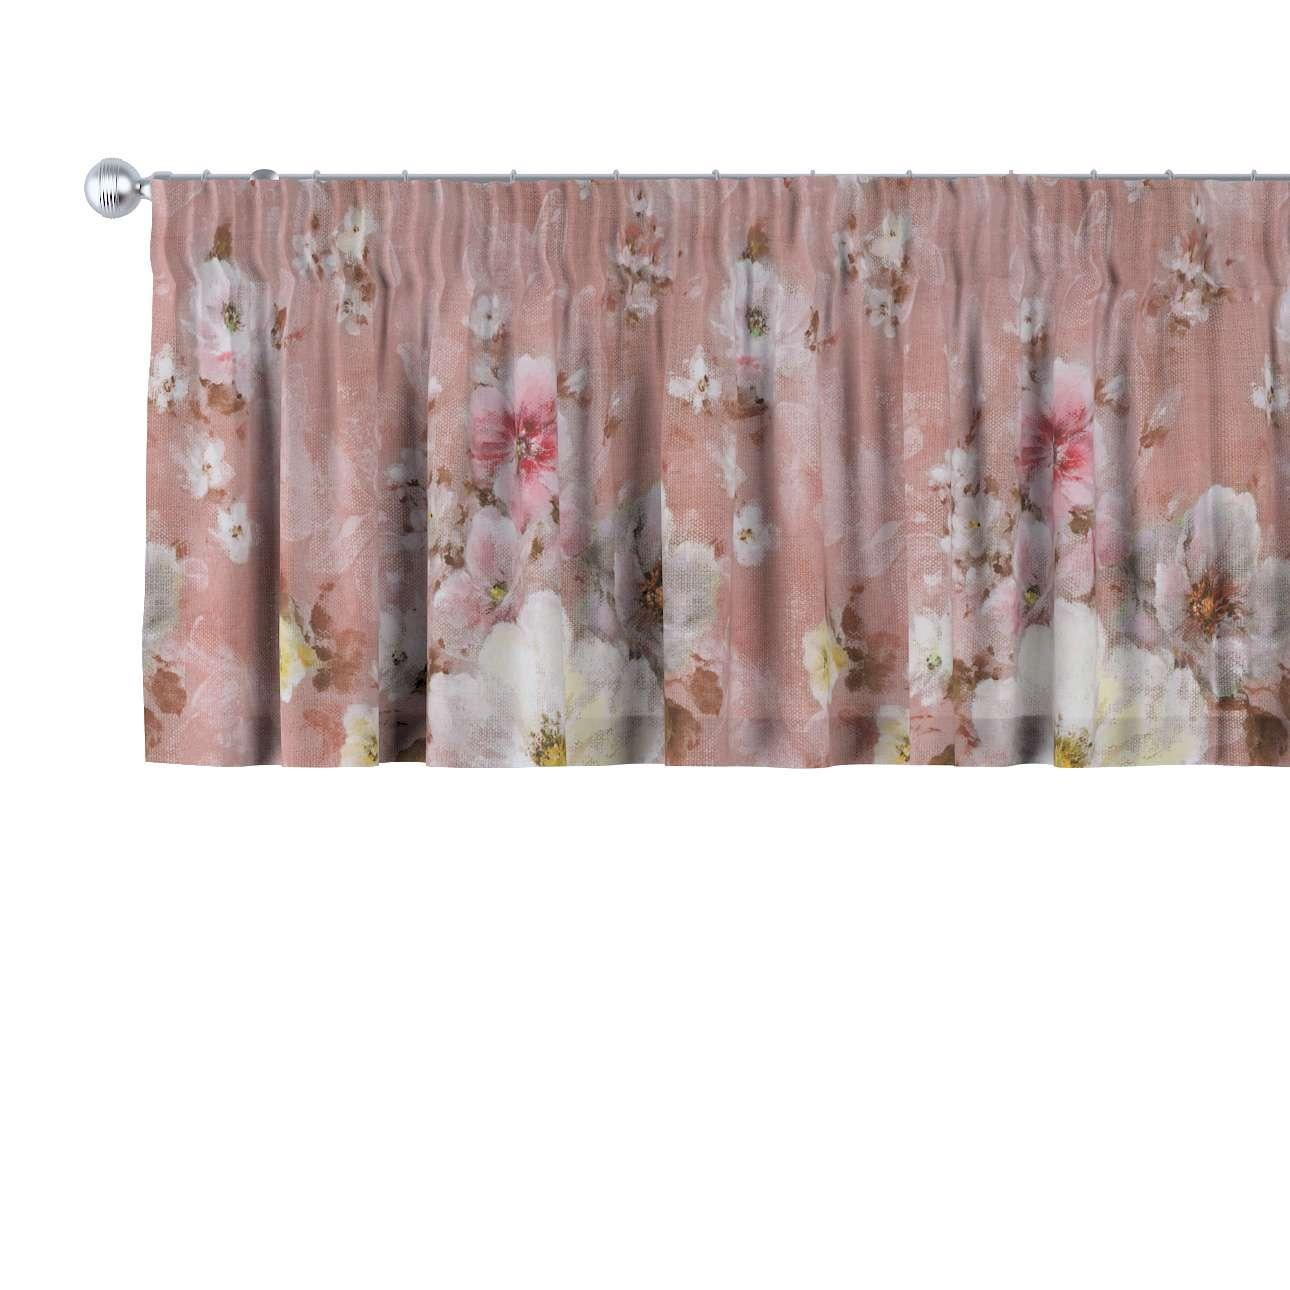 Kurzgardine mit Kräuselband 130 x 40 cm von der Kollektion Monet, Stoff: 137-83